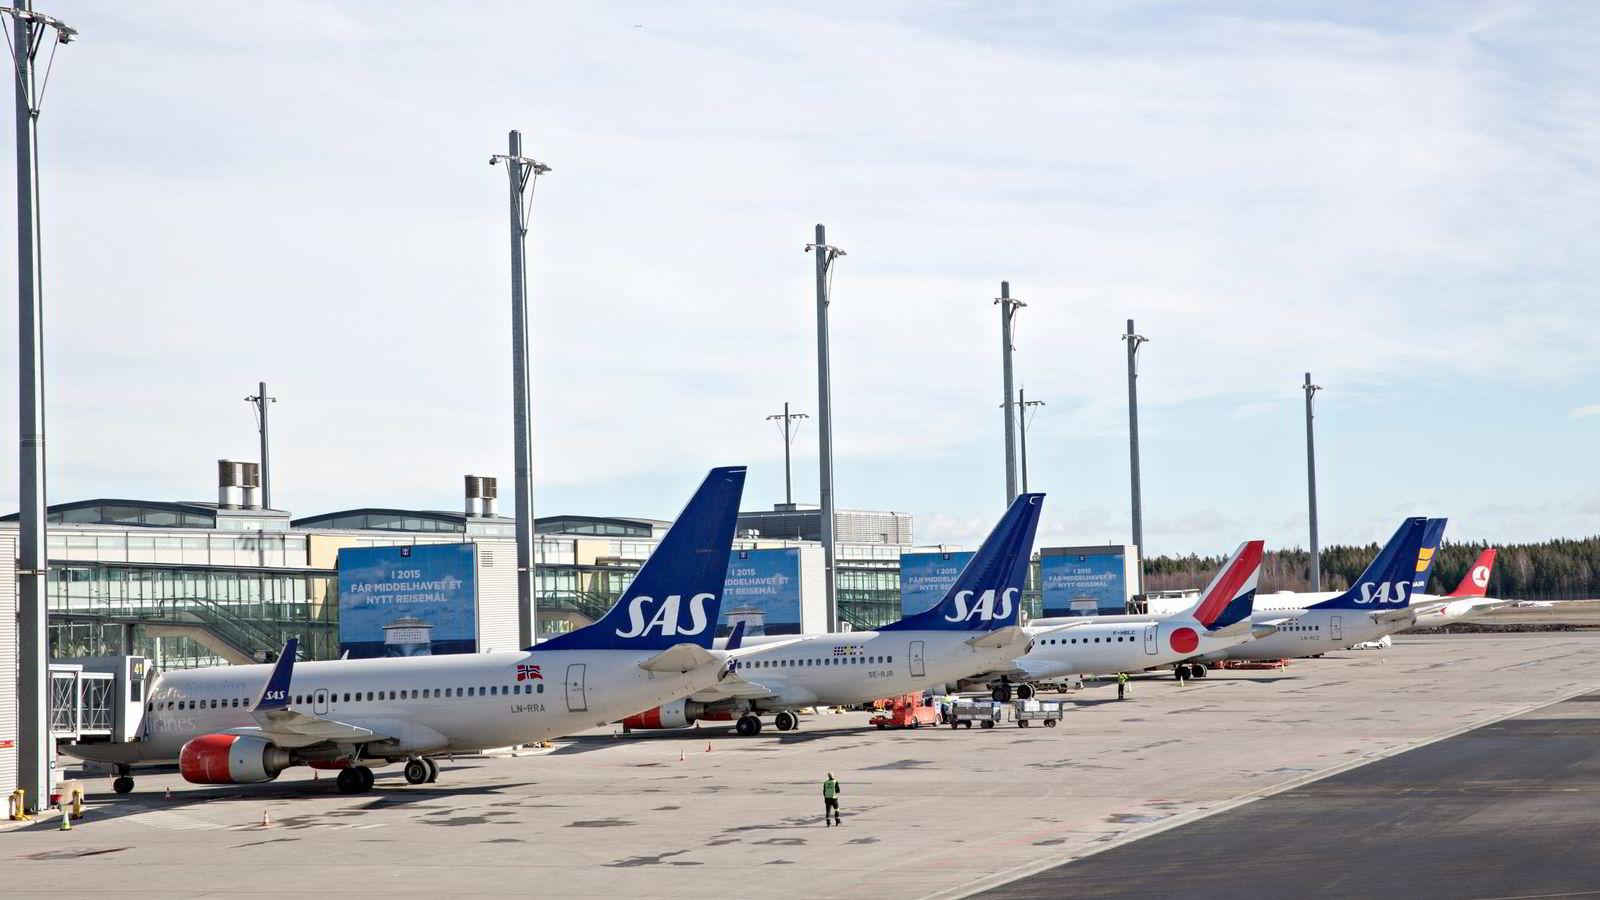 TV 2 ansatte er gode kunder for flyselskapene som flyr mellom Gardermoen og Flesland. Foto: Aleksander Nordahl